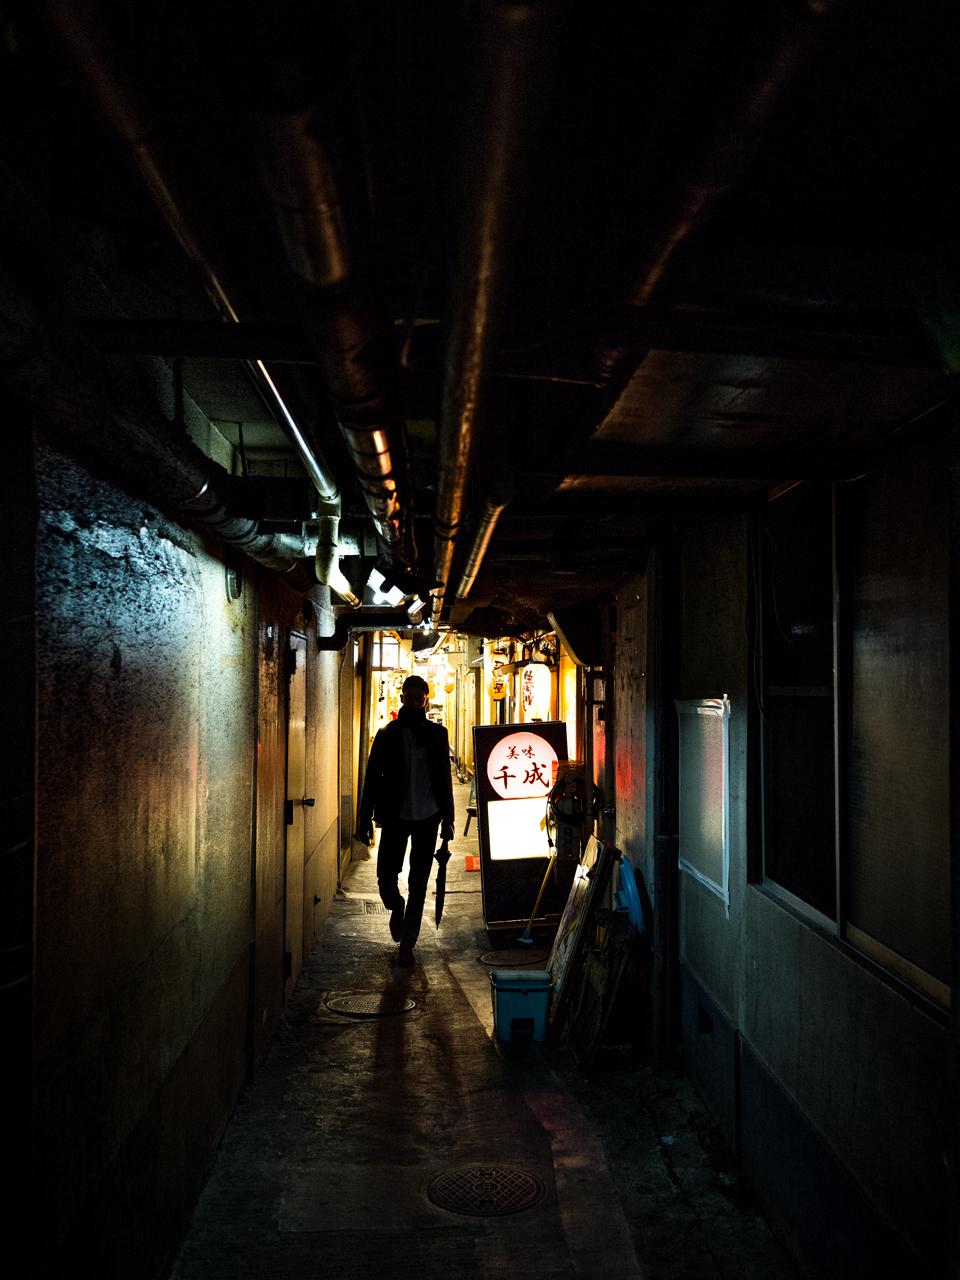 Underground by burningmonk